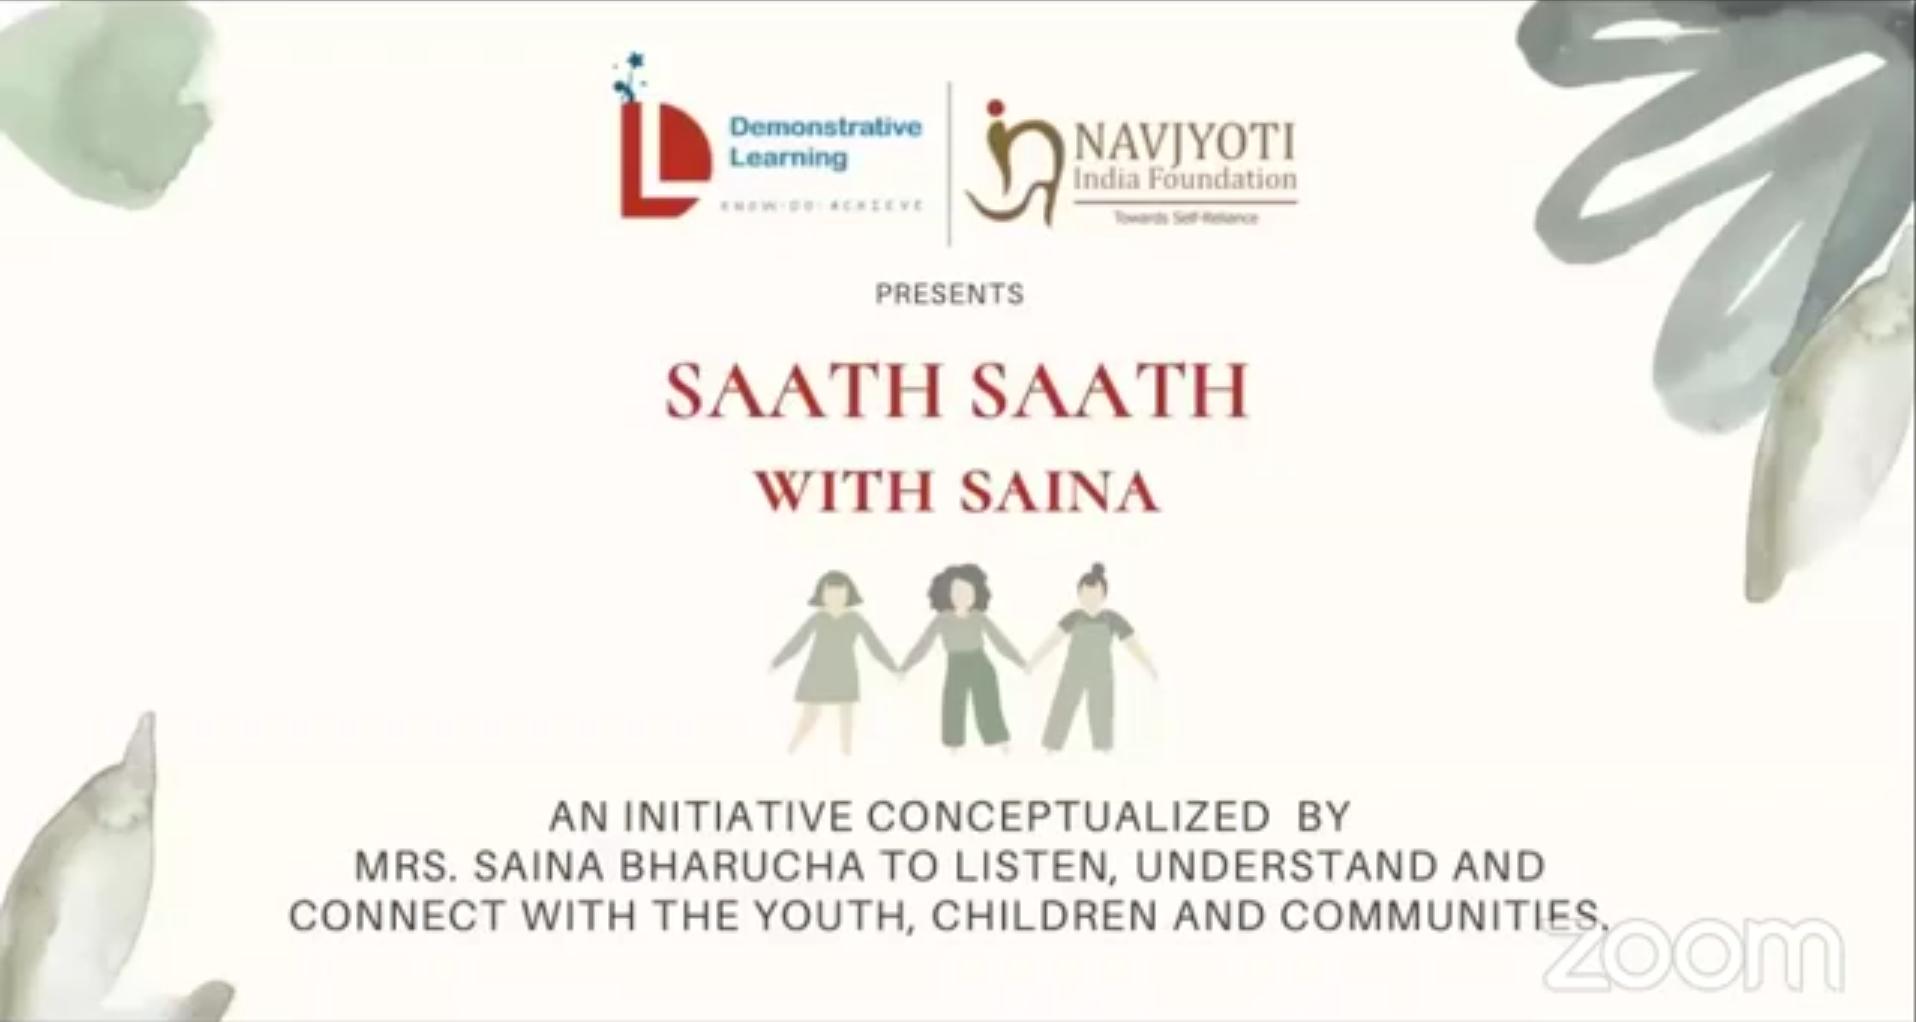 SaathSaath-Session 2